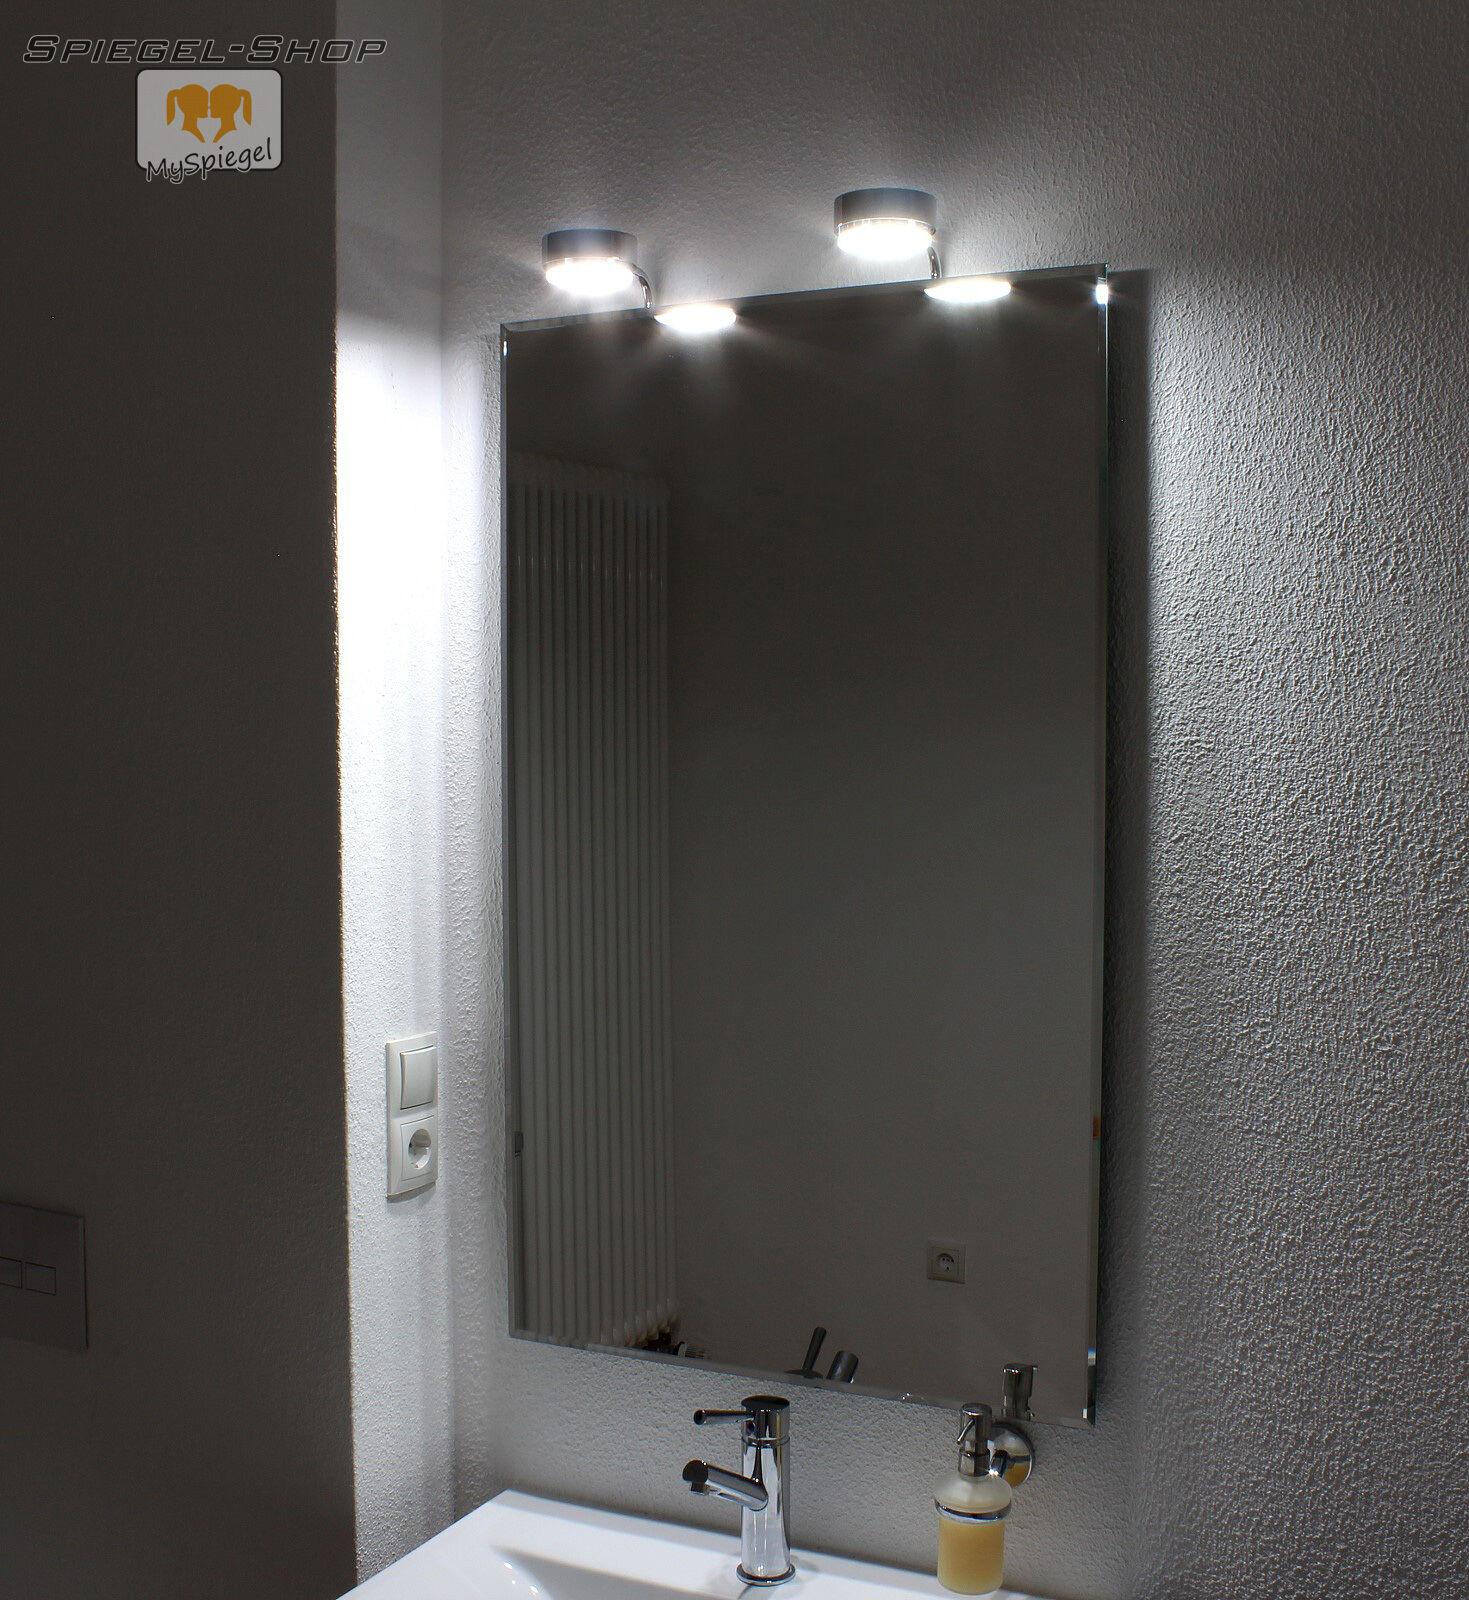 COTNAR LED LEUCHT BELEUCHTETER BAD SPIEGEL MIT STEILFACETTE 60x80CM UND 2 LAMPEN